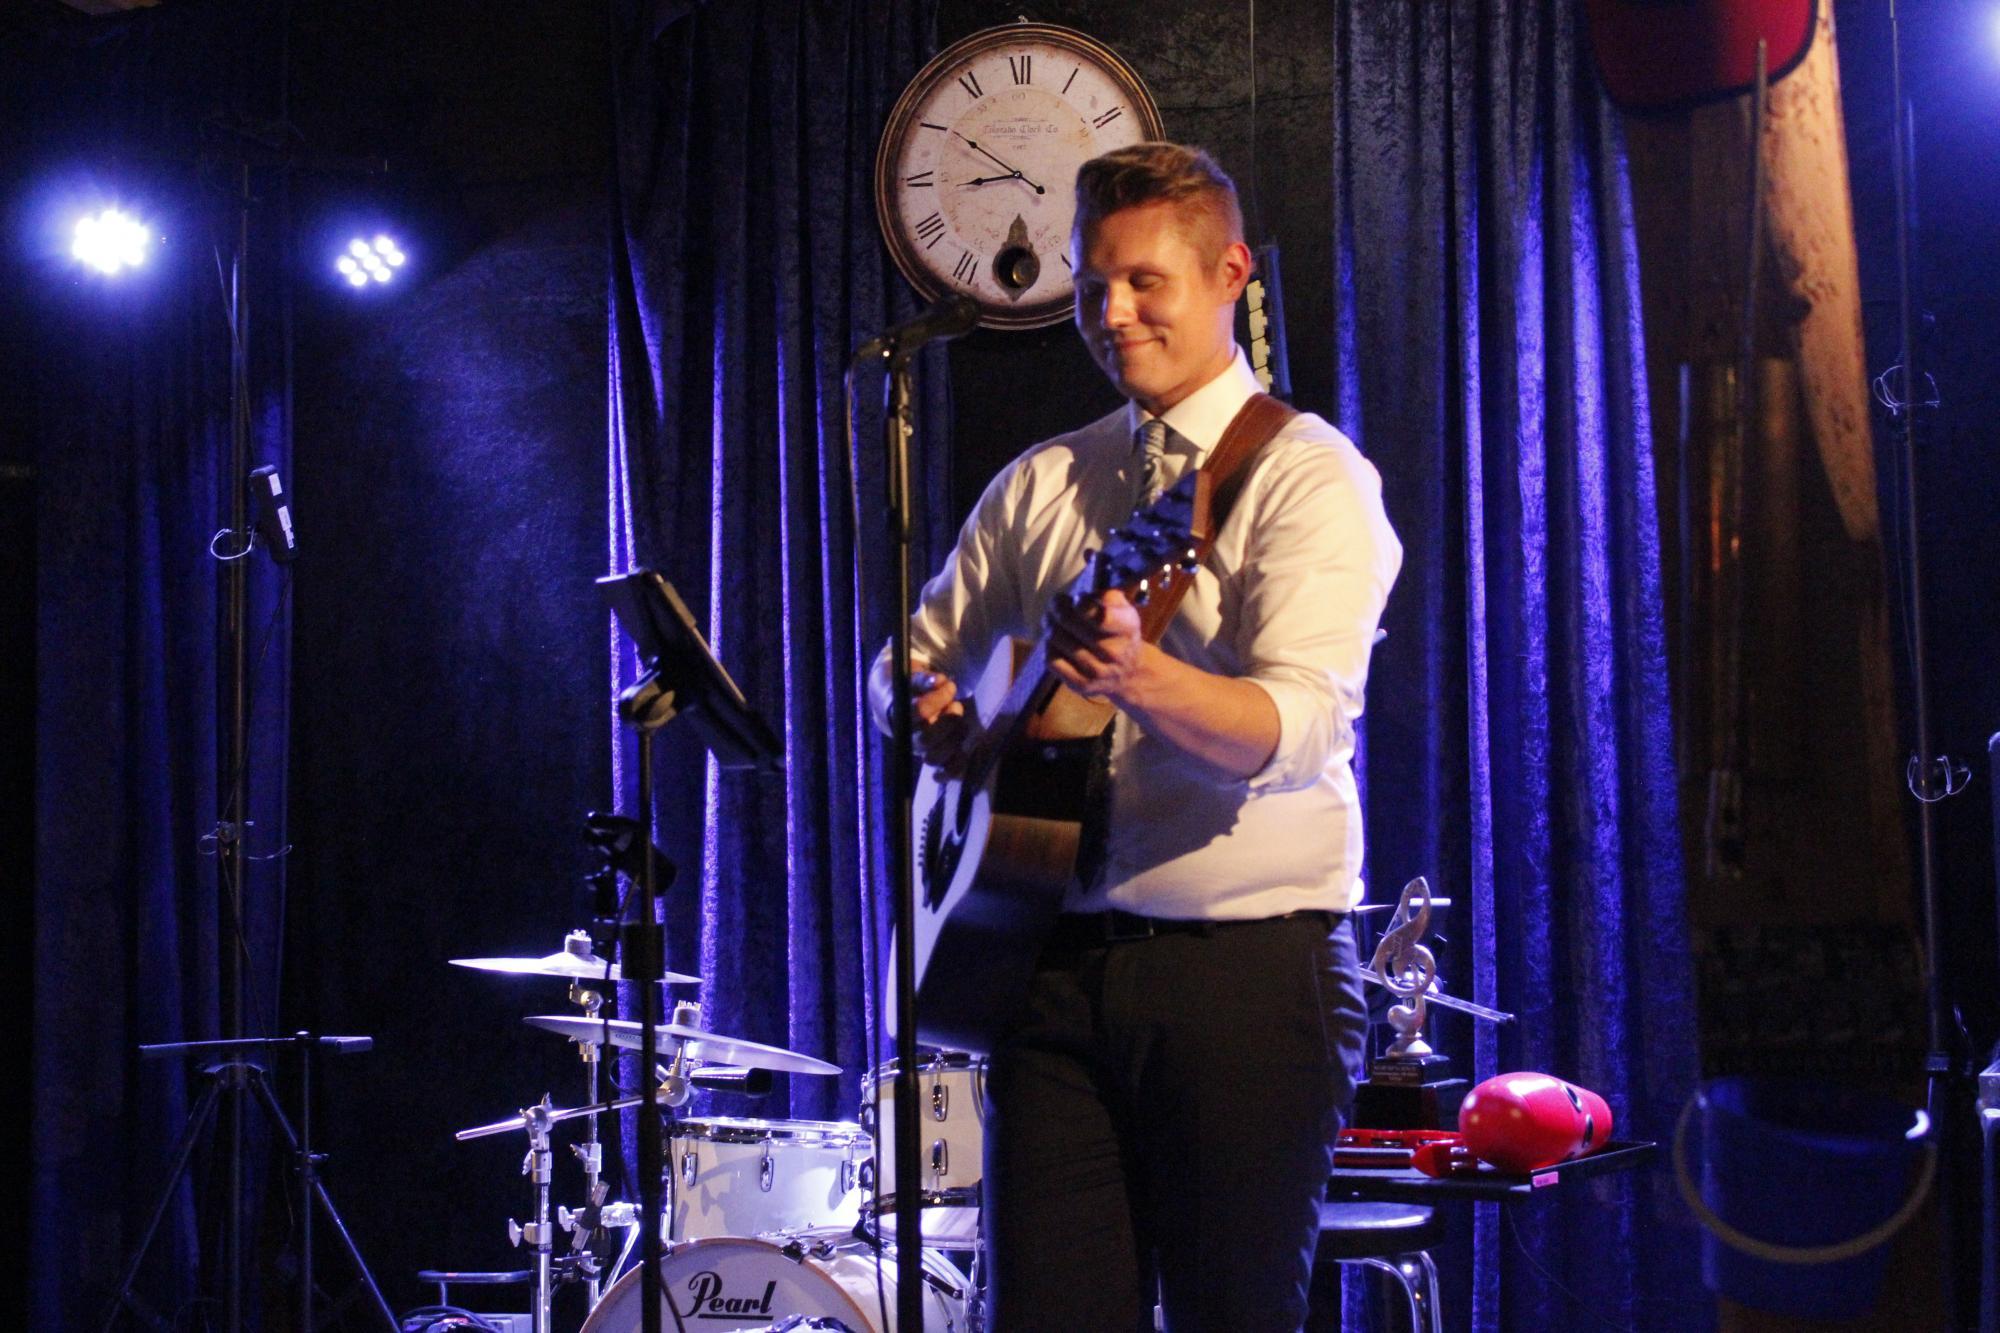 Kitara oli Tuomakselle se soitin, joka antoi kipinän musiikkiin.